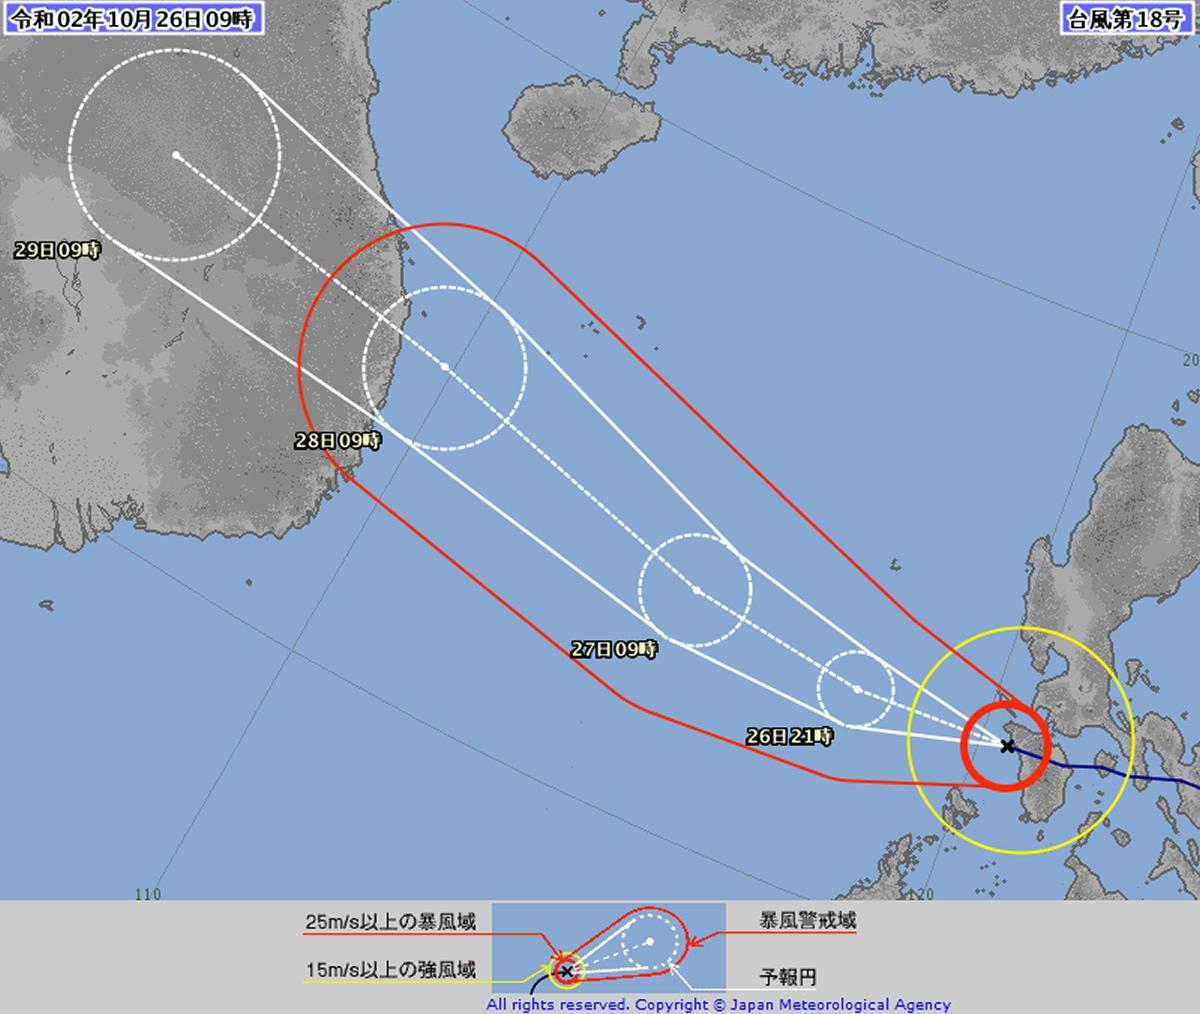 台風18号「モラヴェ」発生、ベトナム・タイ方面へ